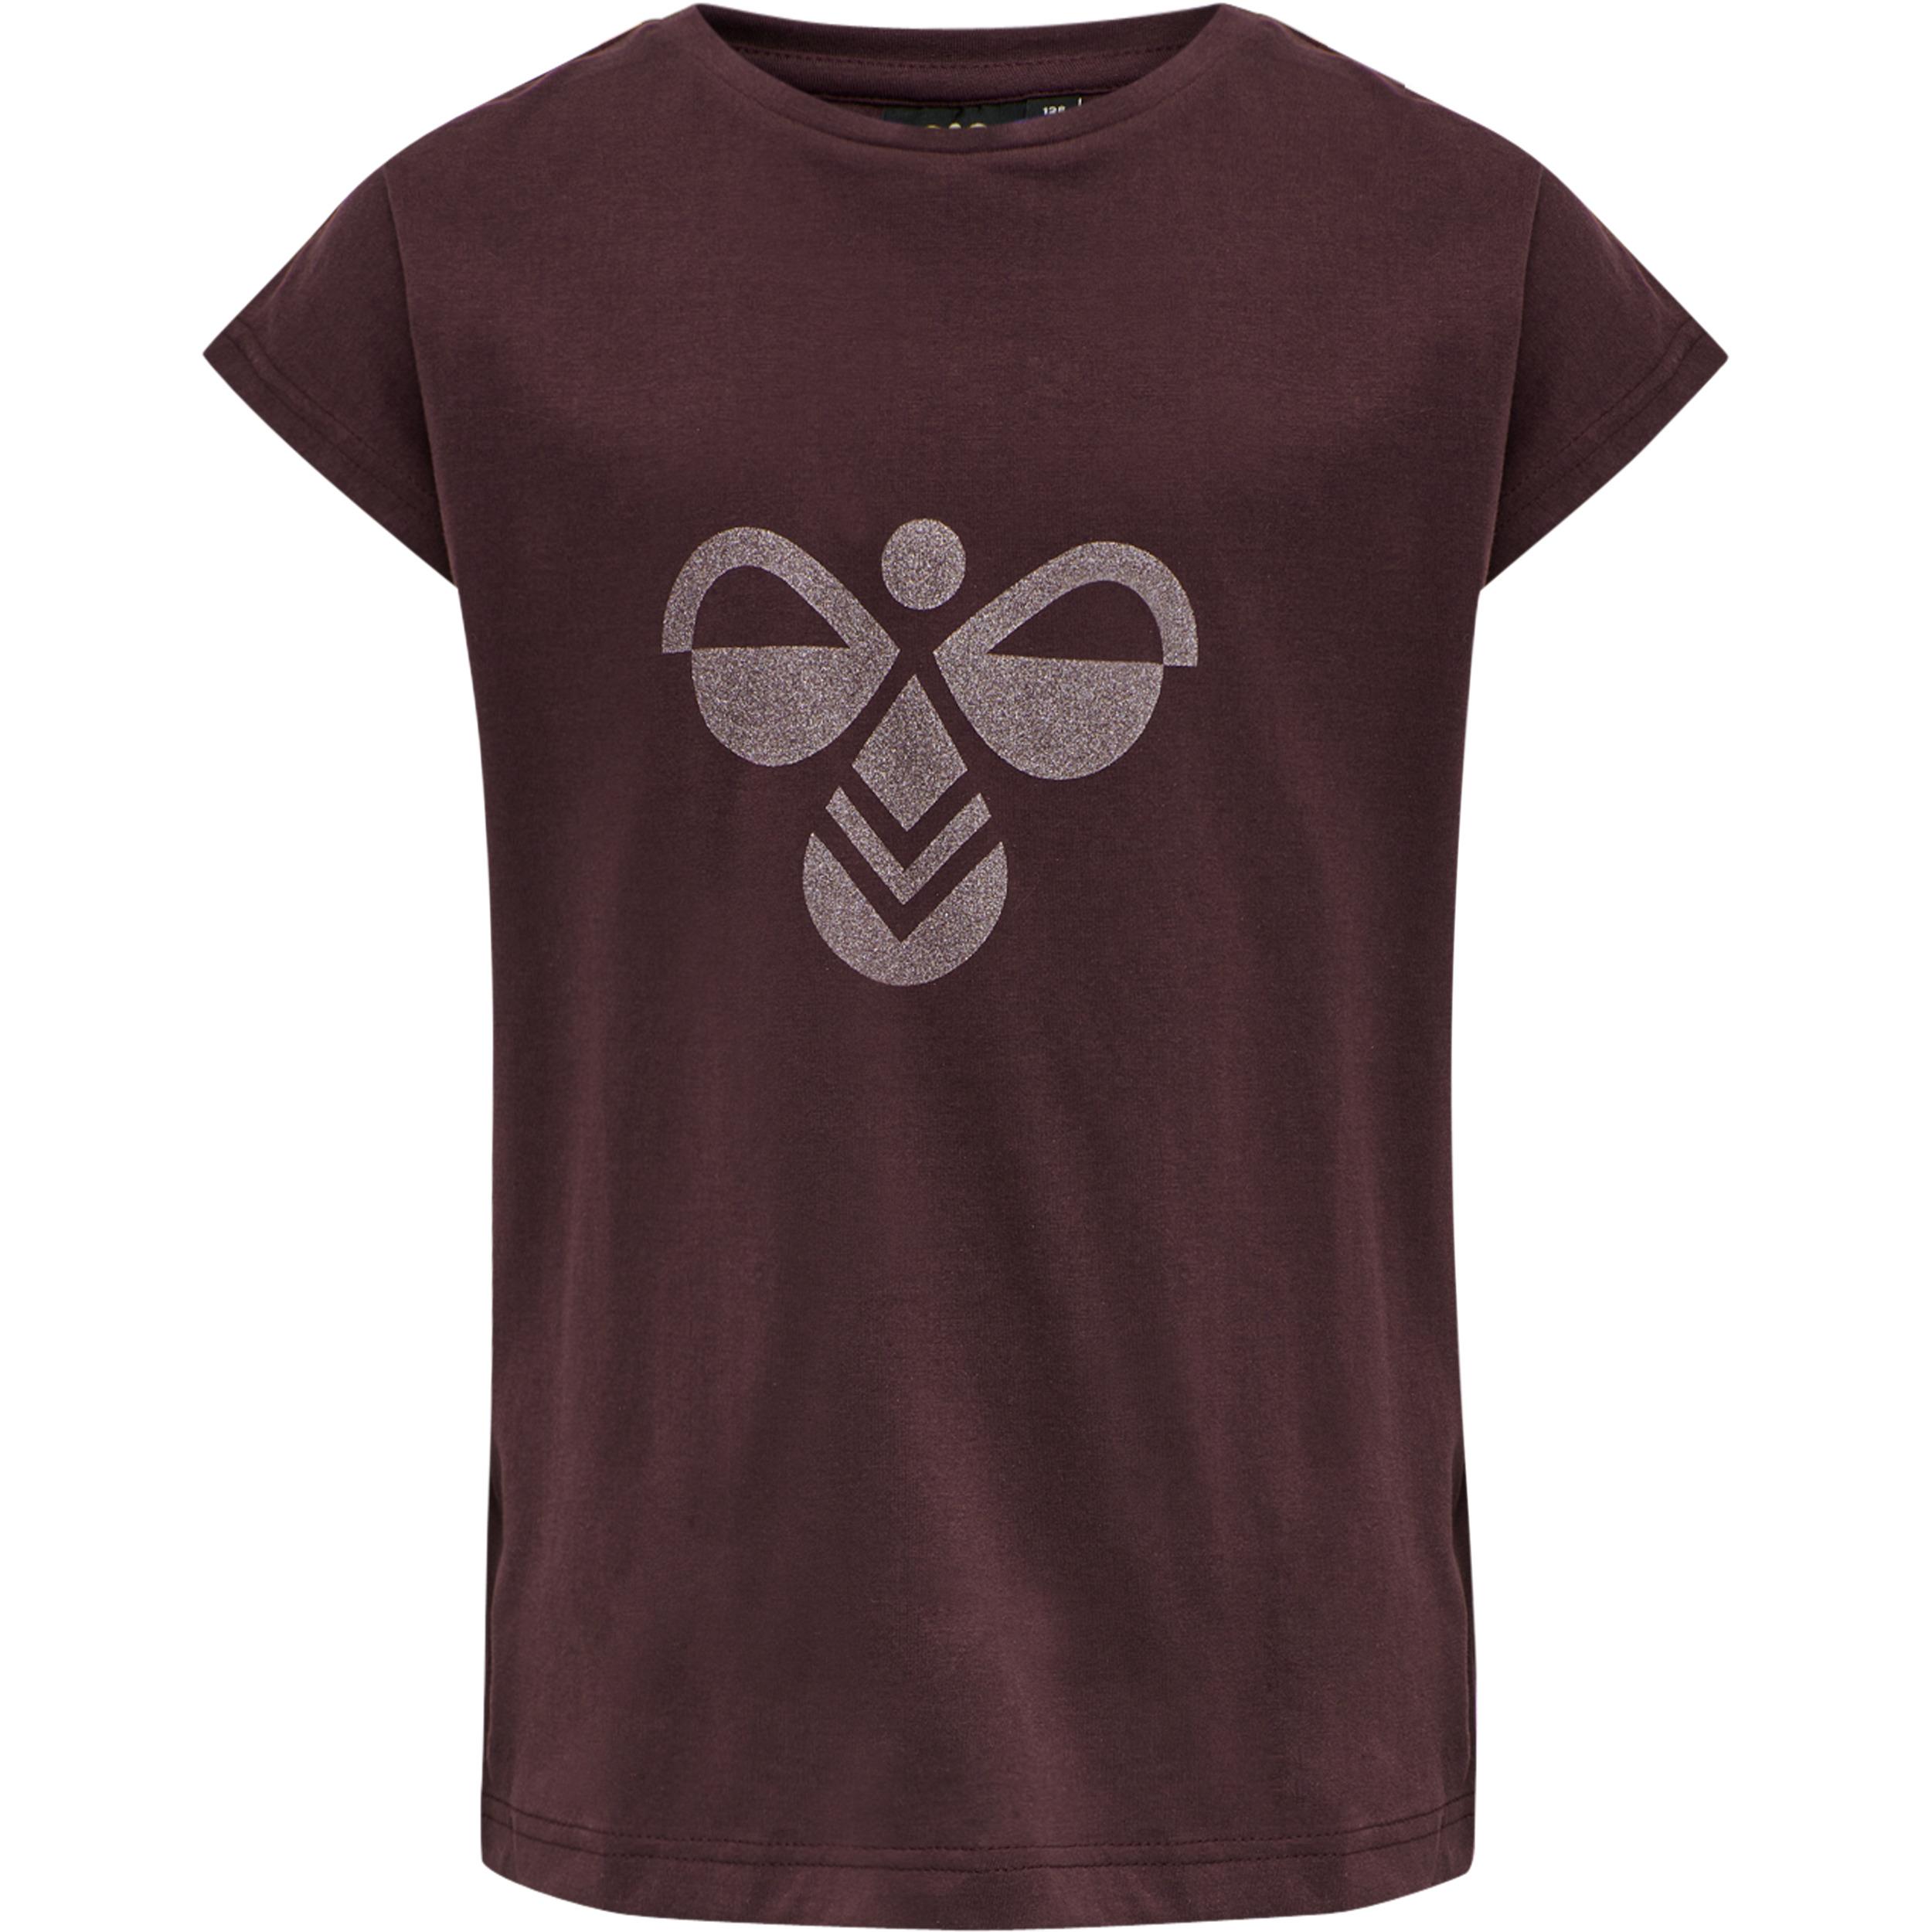 Hummel T-shirt, Fudge, 134 cm/9 år